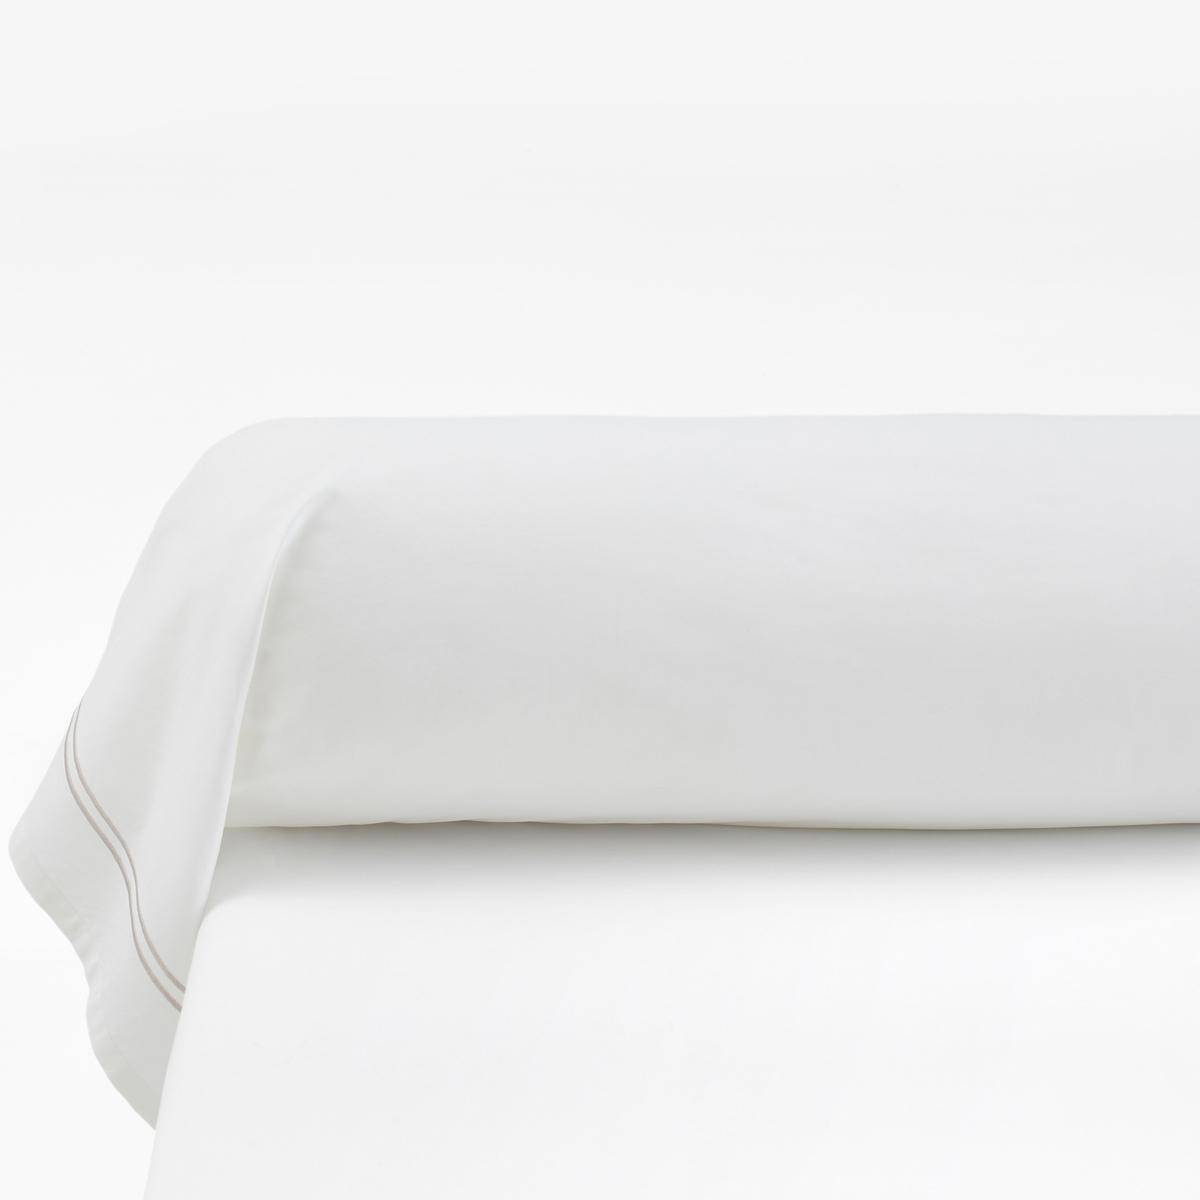 Наволочка на подушку-валик из хлопковой перкали, PalacePalace :Постельное белье, сочетающее простоту и шик двойного контрастного канта светло-серого цвета на однотонном белом или сером фоне  .Характеристики наволочек на подушку-валик Palace : - Перкаль, 100% хлопка - настоящий люкс для вашей спальни. Роскошная ткань с очень плотным переплетением нитей (80 нитей/см?), сотканная из длинных хлопковых волокон   . Чем плотнее переплетение нитей/см?, тем выше качество материала.На подушку-валик: двойной кант по краям  .- Машинная стирка при 60°, легко гладить..Знак Oeko-Tex® гарантирует отсутствие вредных для здоровья человека веществ в протестированных и сертифицированных изделиях.Размеры :85 x 185 см : Наволочка на подушку-валик   .Найдите комплект постельного белья по названию Palace<br><br>Цвет: белый,темно-серый